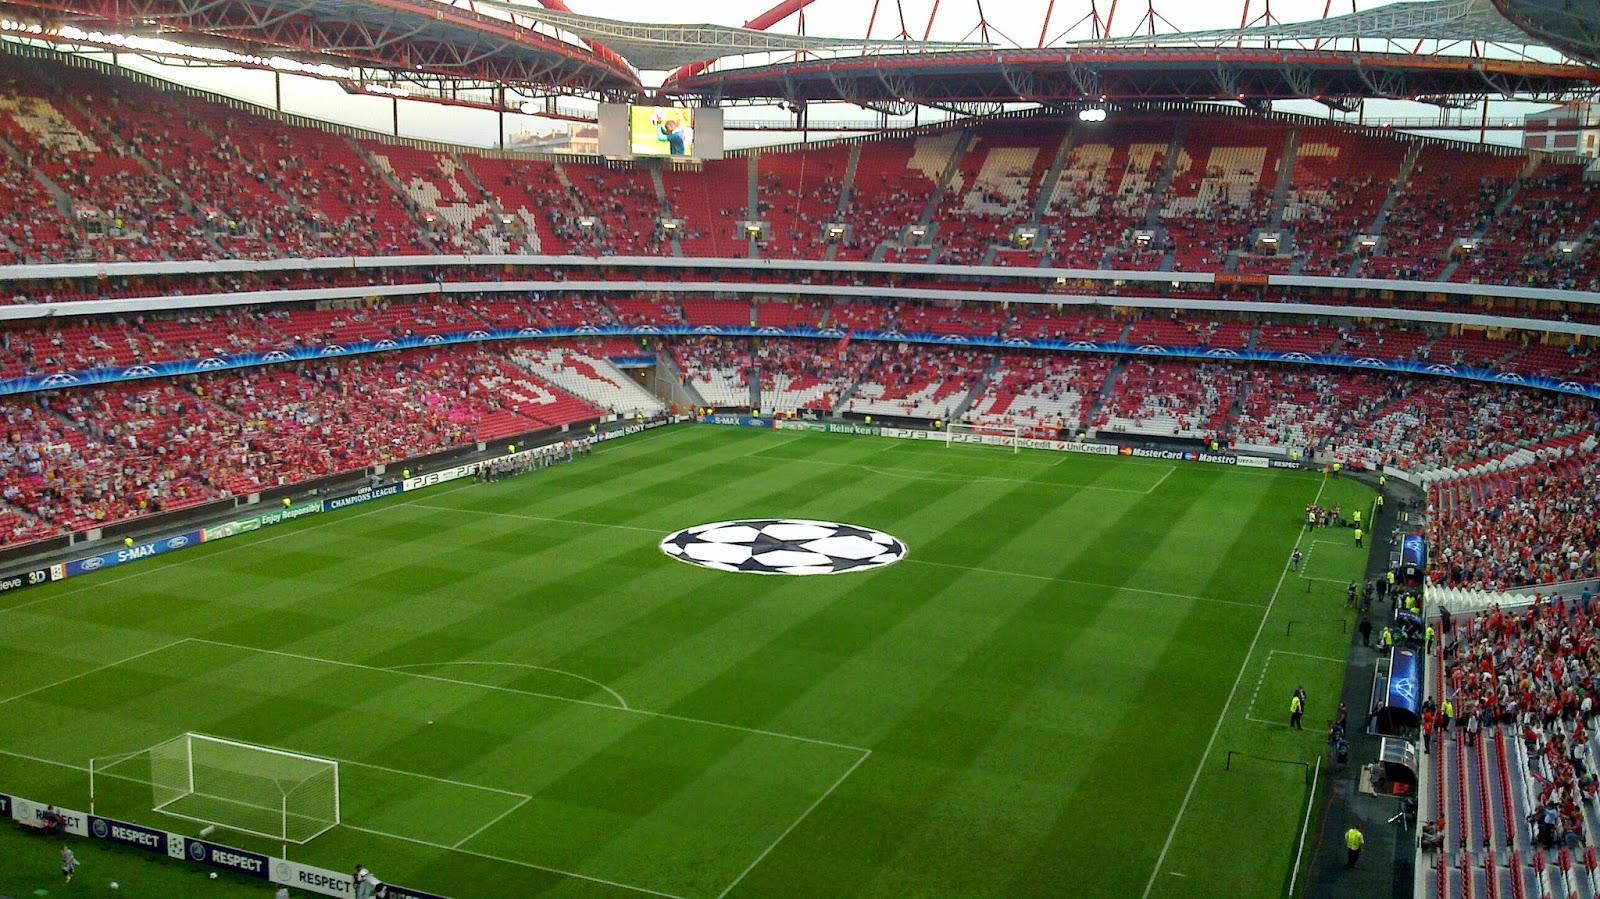 Pontos turísticos em Lisboa: Estádio da Luz do Benfica